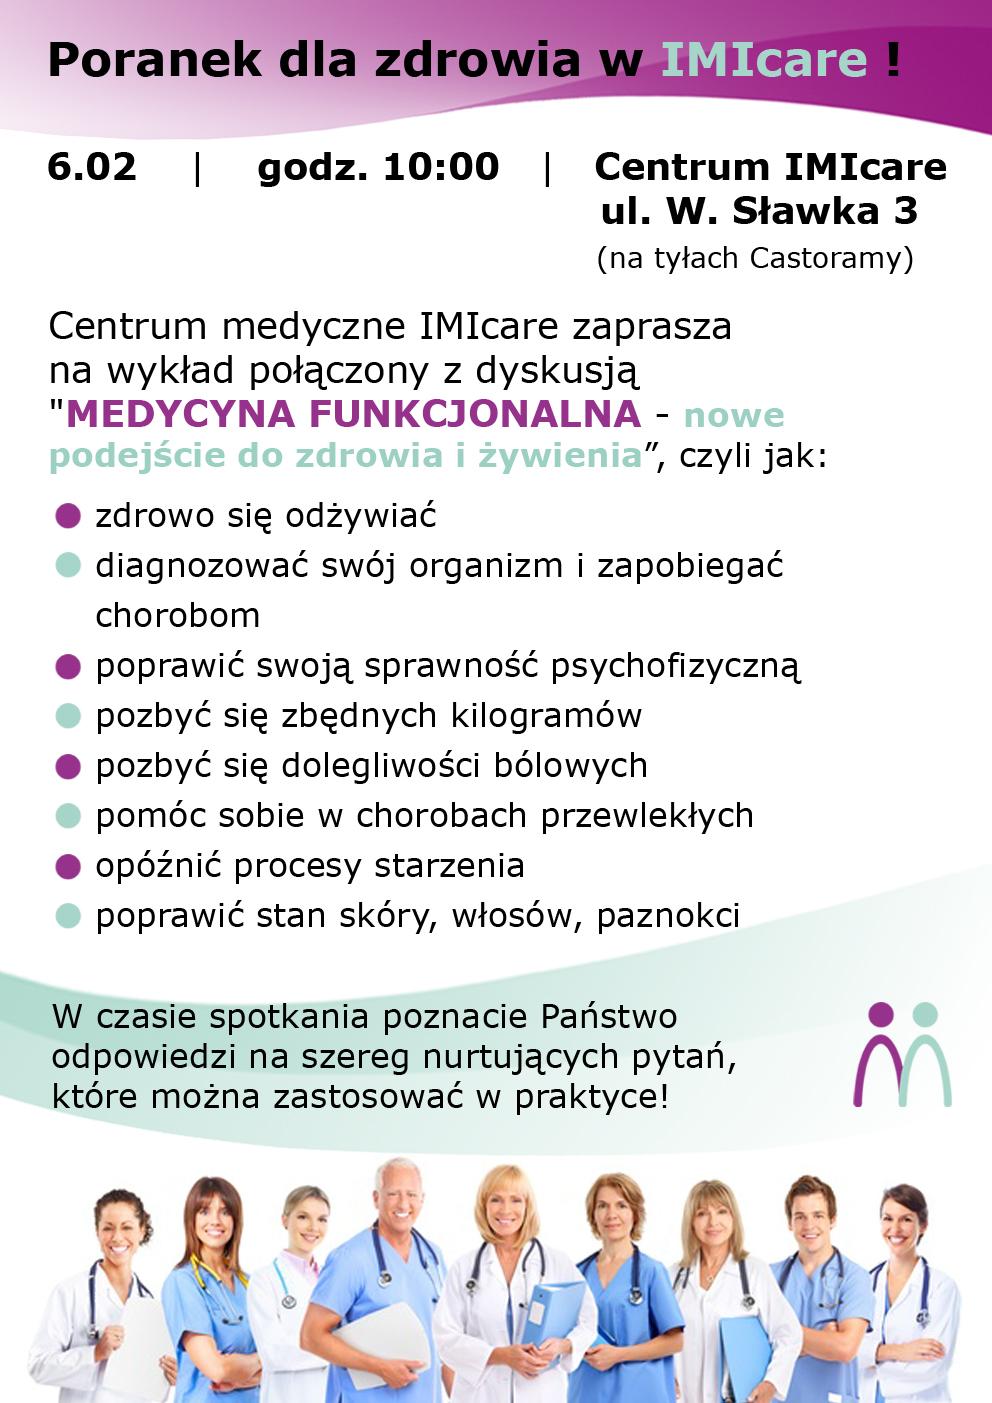 plakat funkcjonalna3 1 - Program medycyny funkcjonalnej